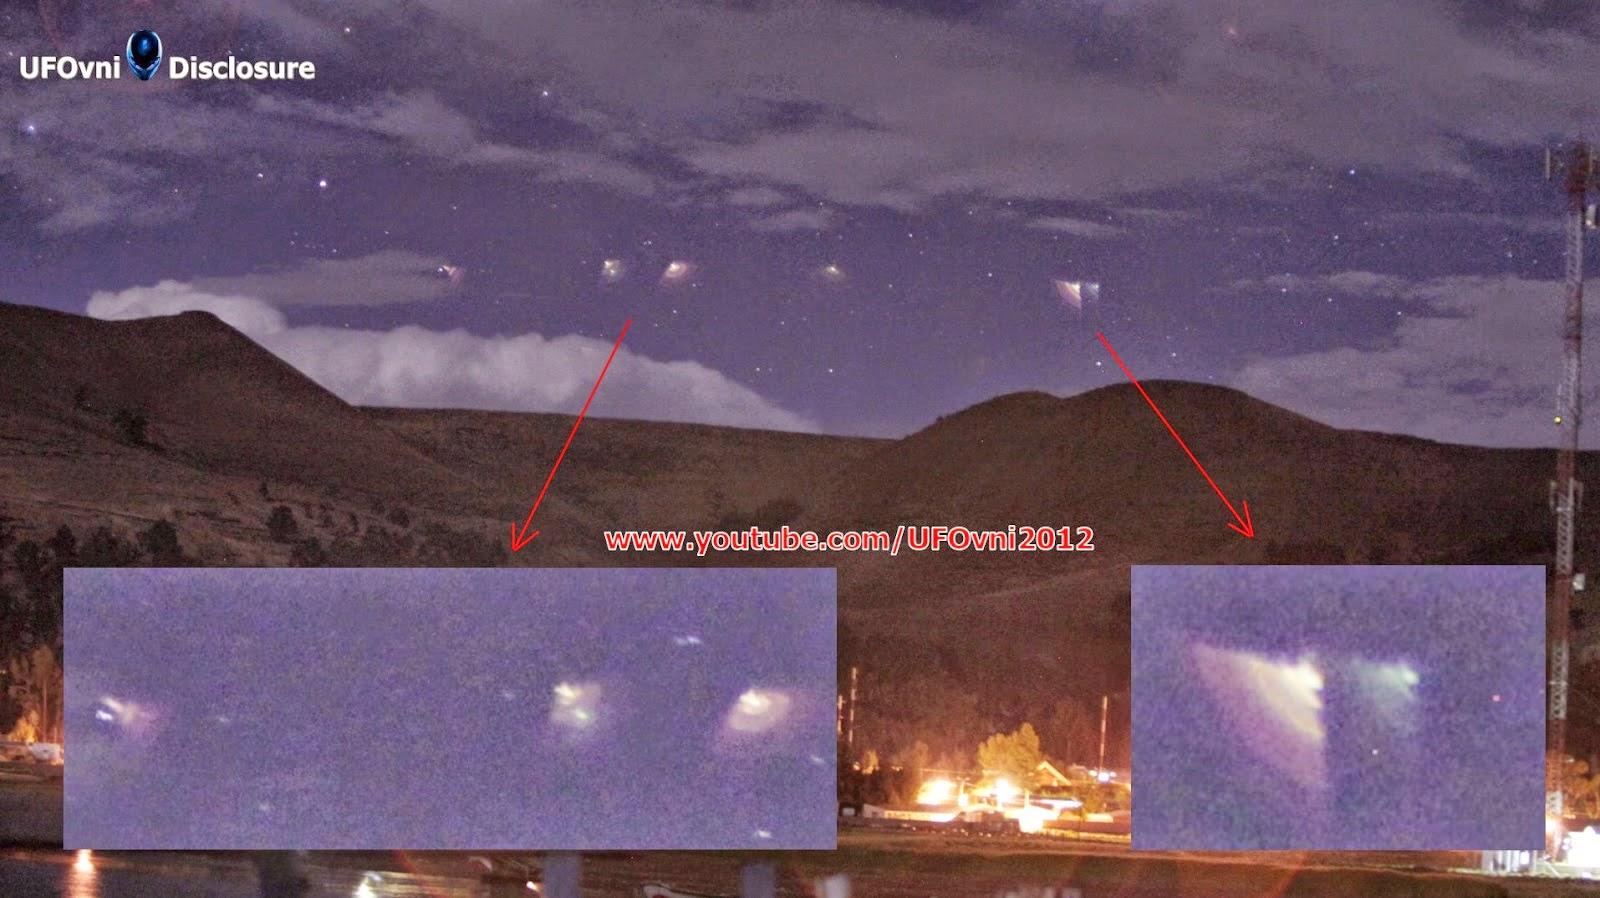 Lumières étranges qui apparaissent dans le ciel, puis disparaissant La Paz, Bolivie, le 24 Novembre